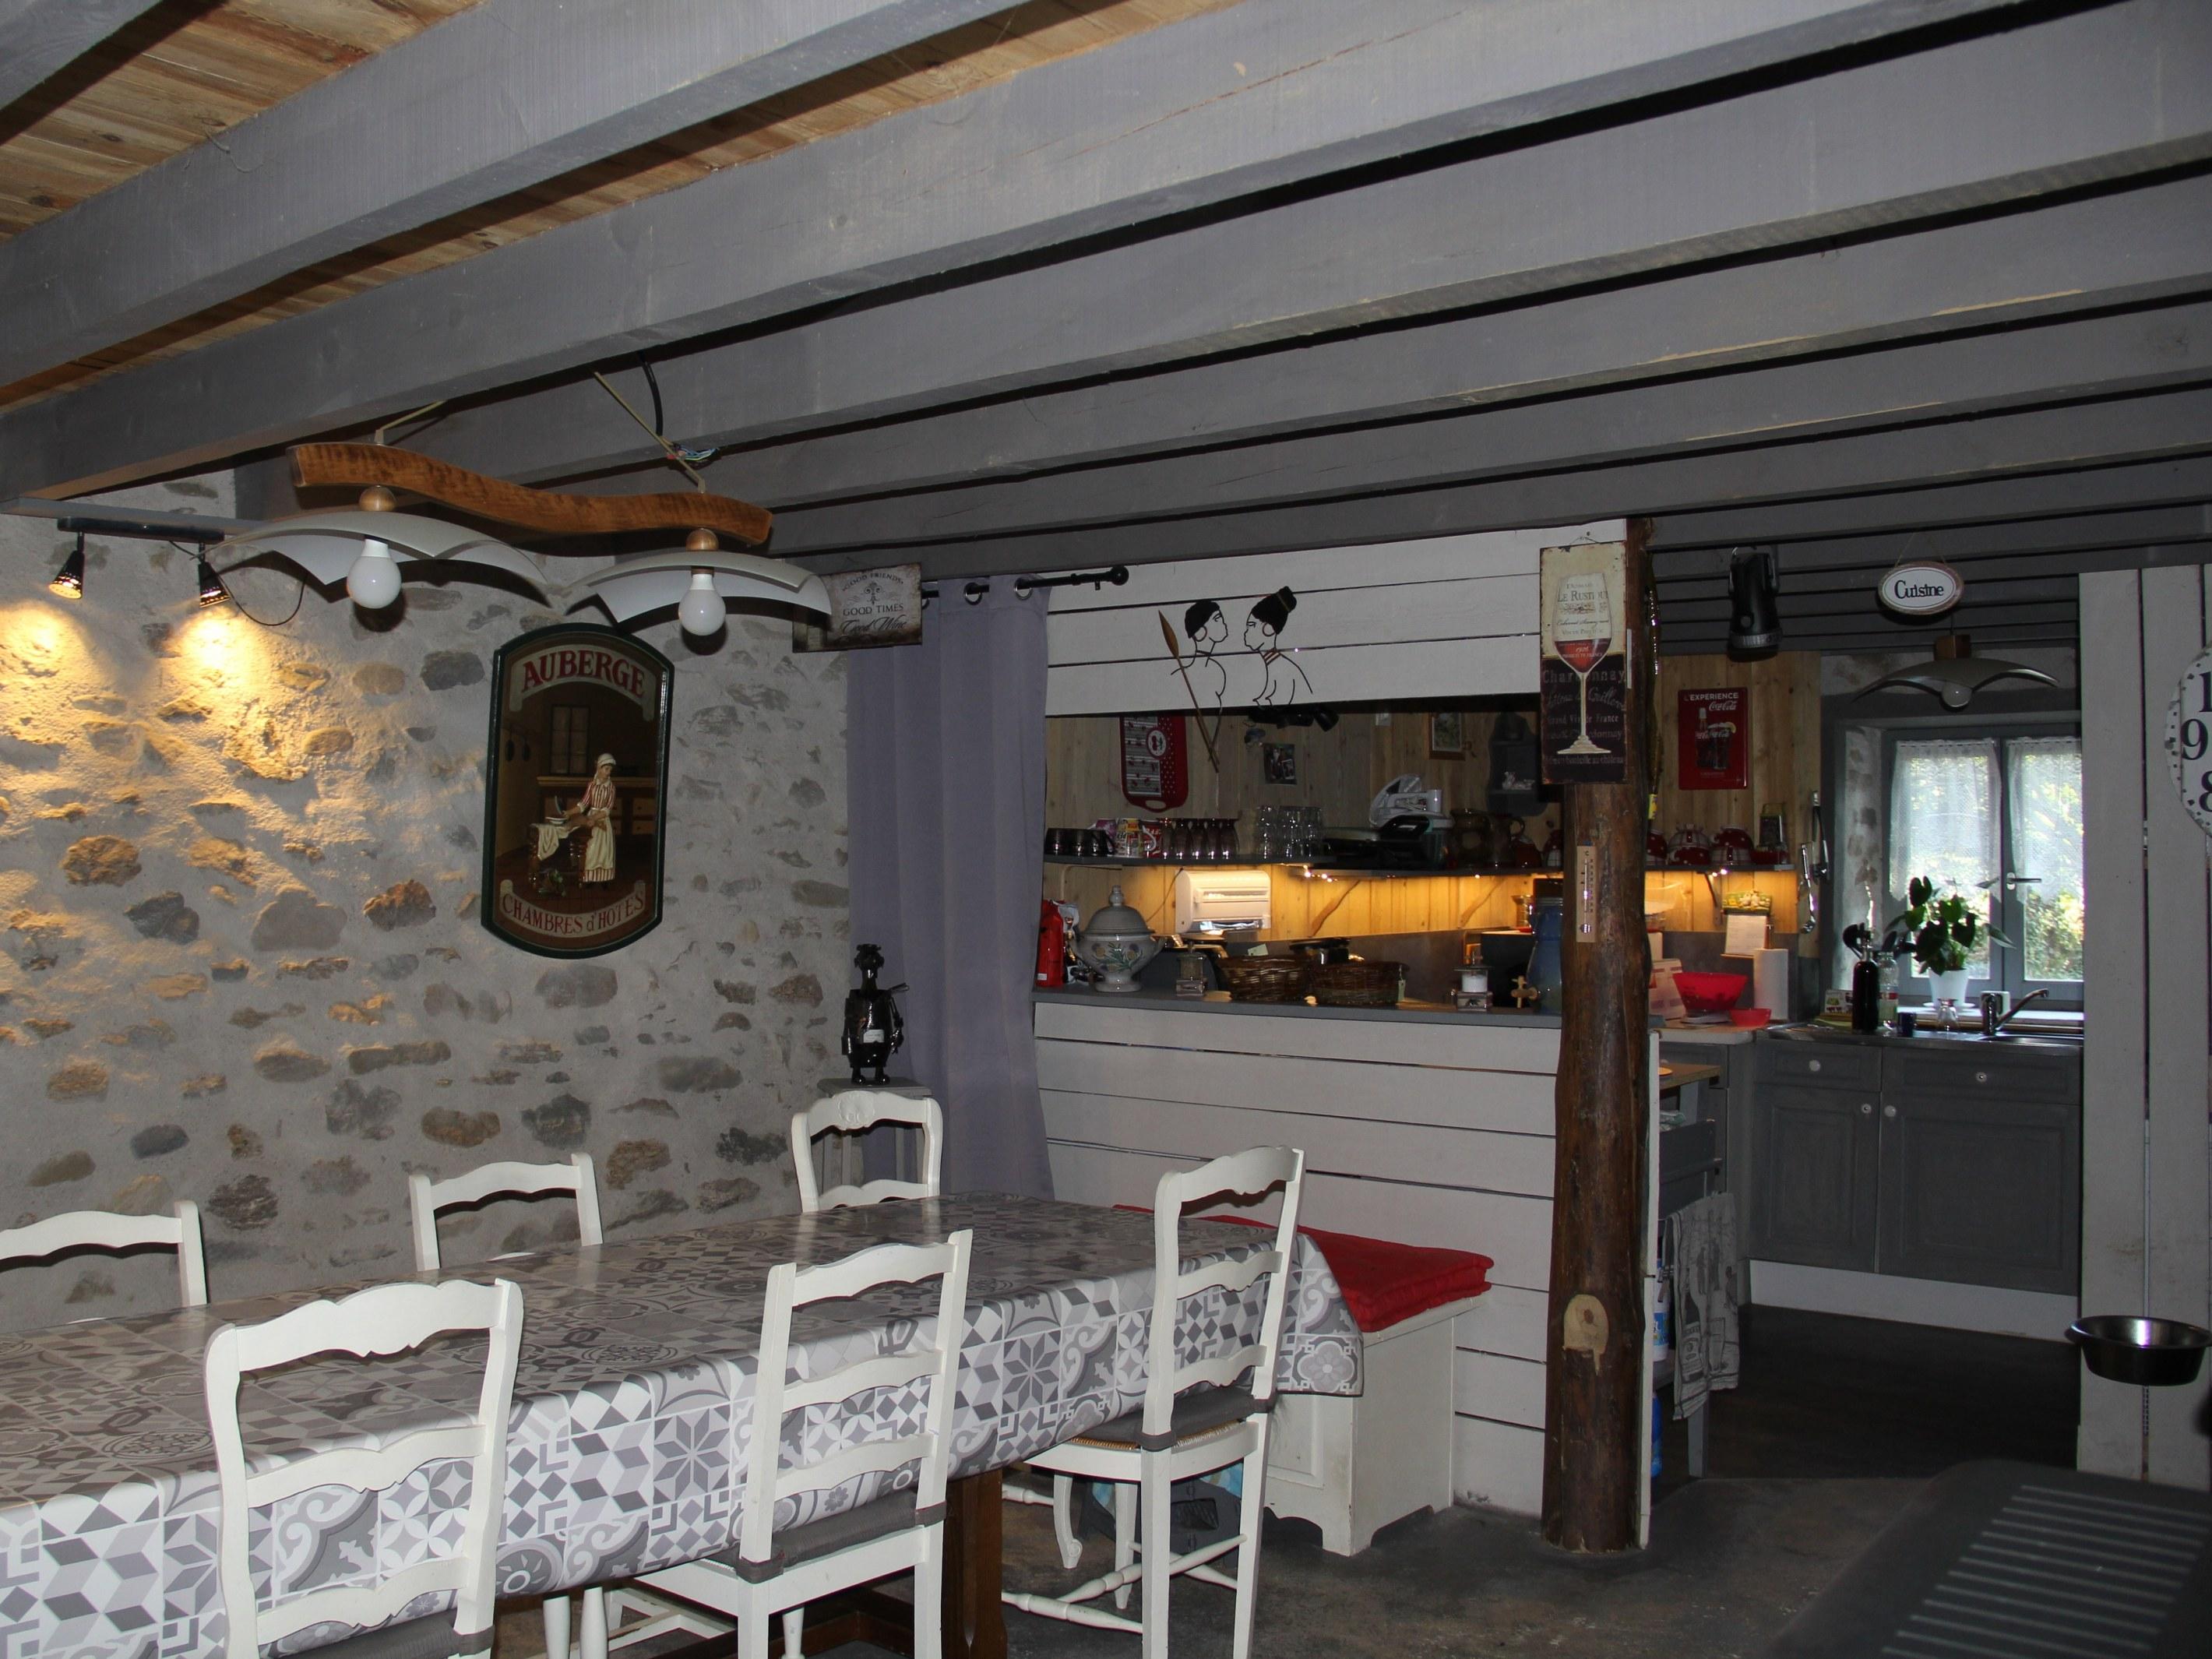 chambre-hotes-auvergne-fenetre-table-chaise-fleur-portrait-cuisine